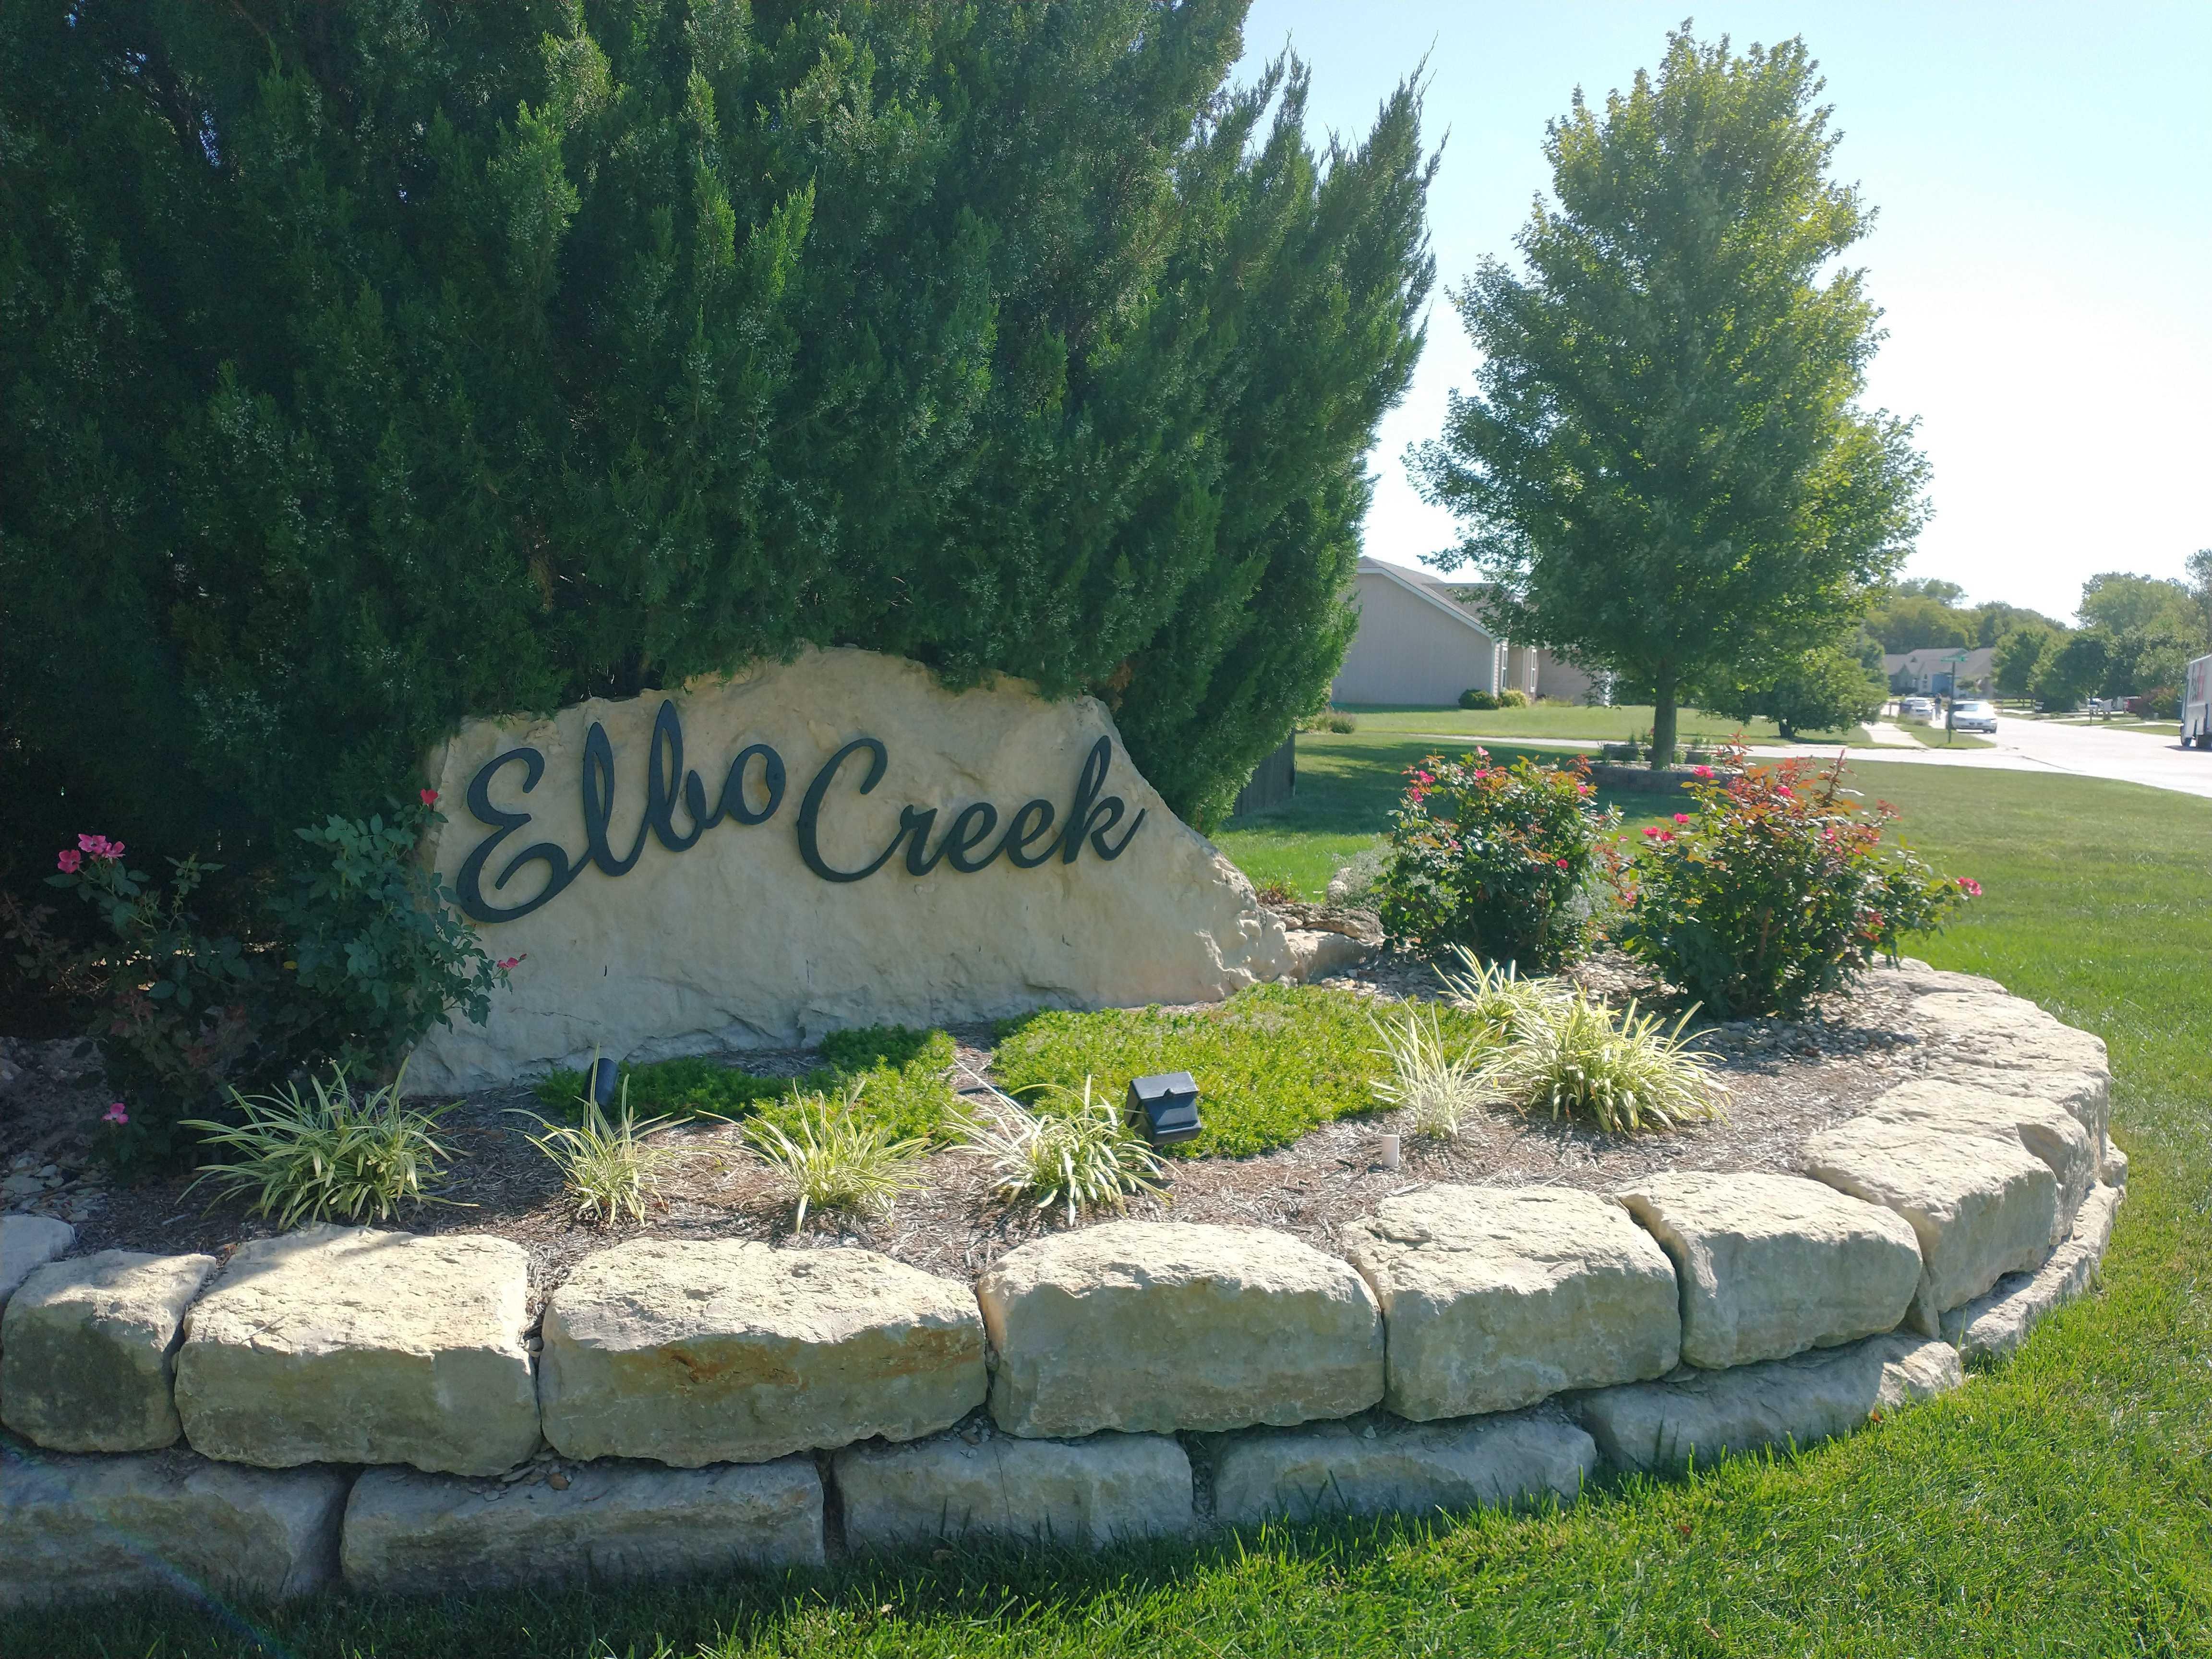 Elbo Creek